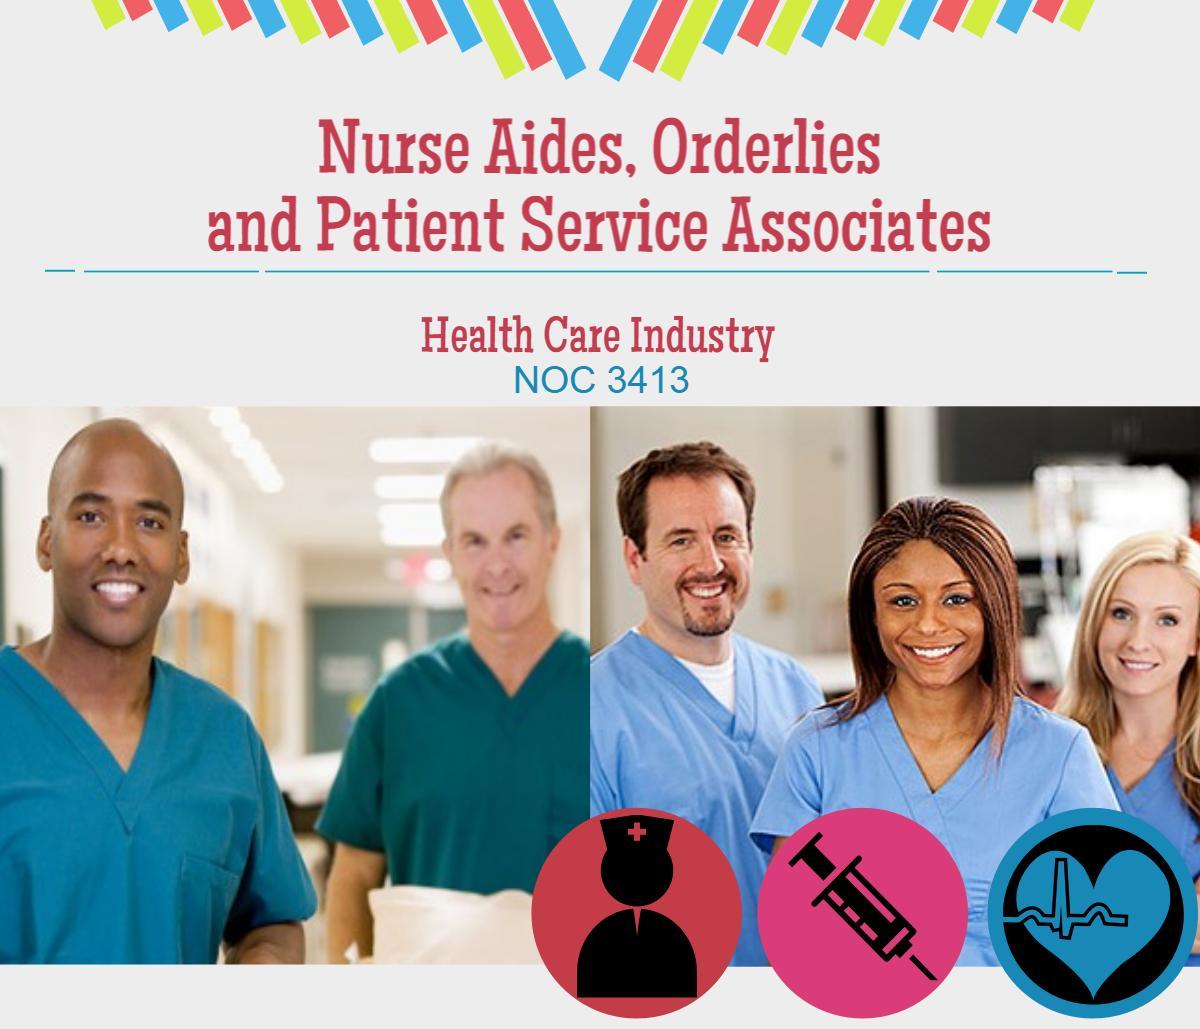 Nurse Aides, Orderlies and Patient Service Associates